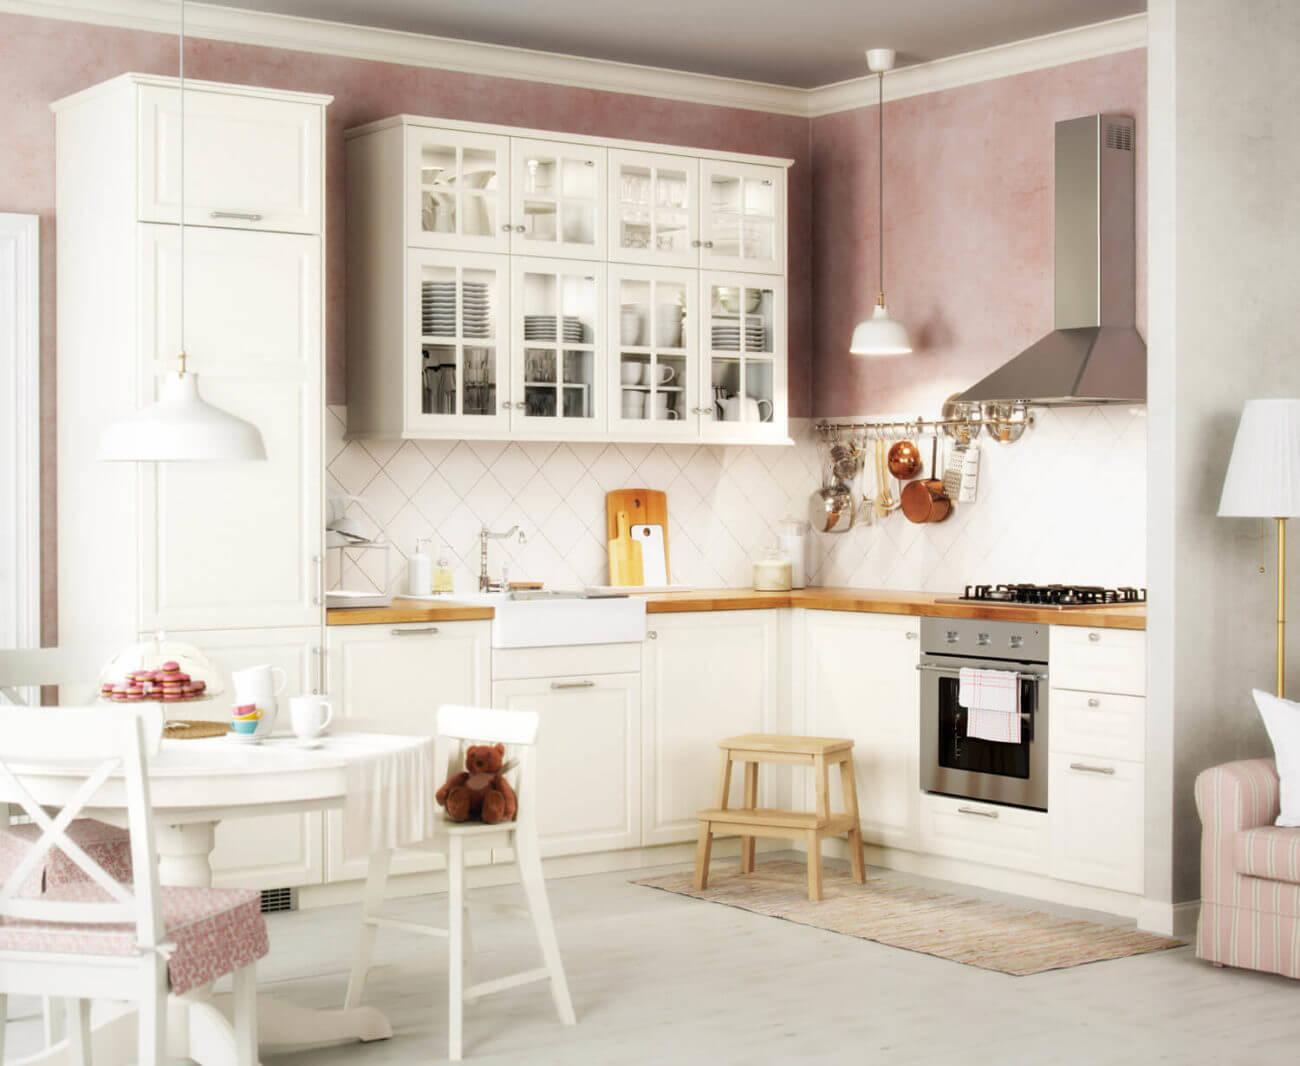 Weiße IKEA-Küche im Landhausstil